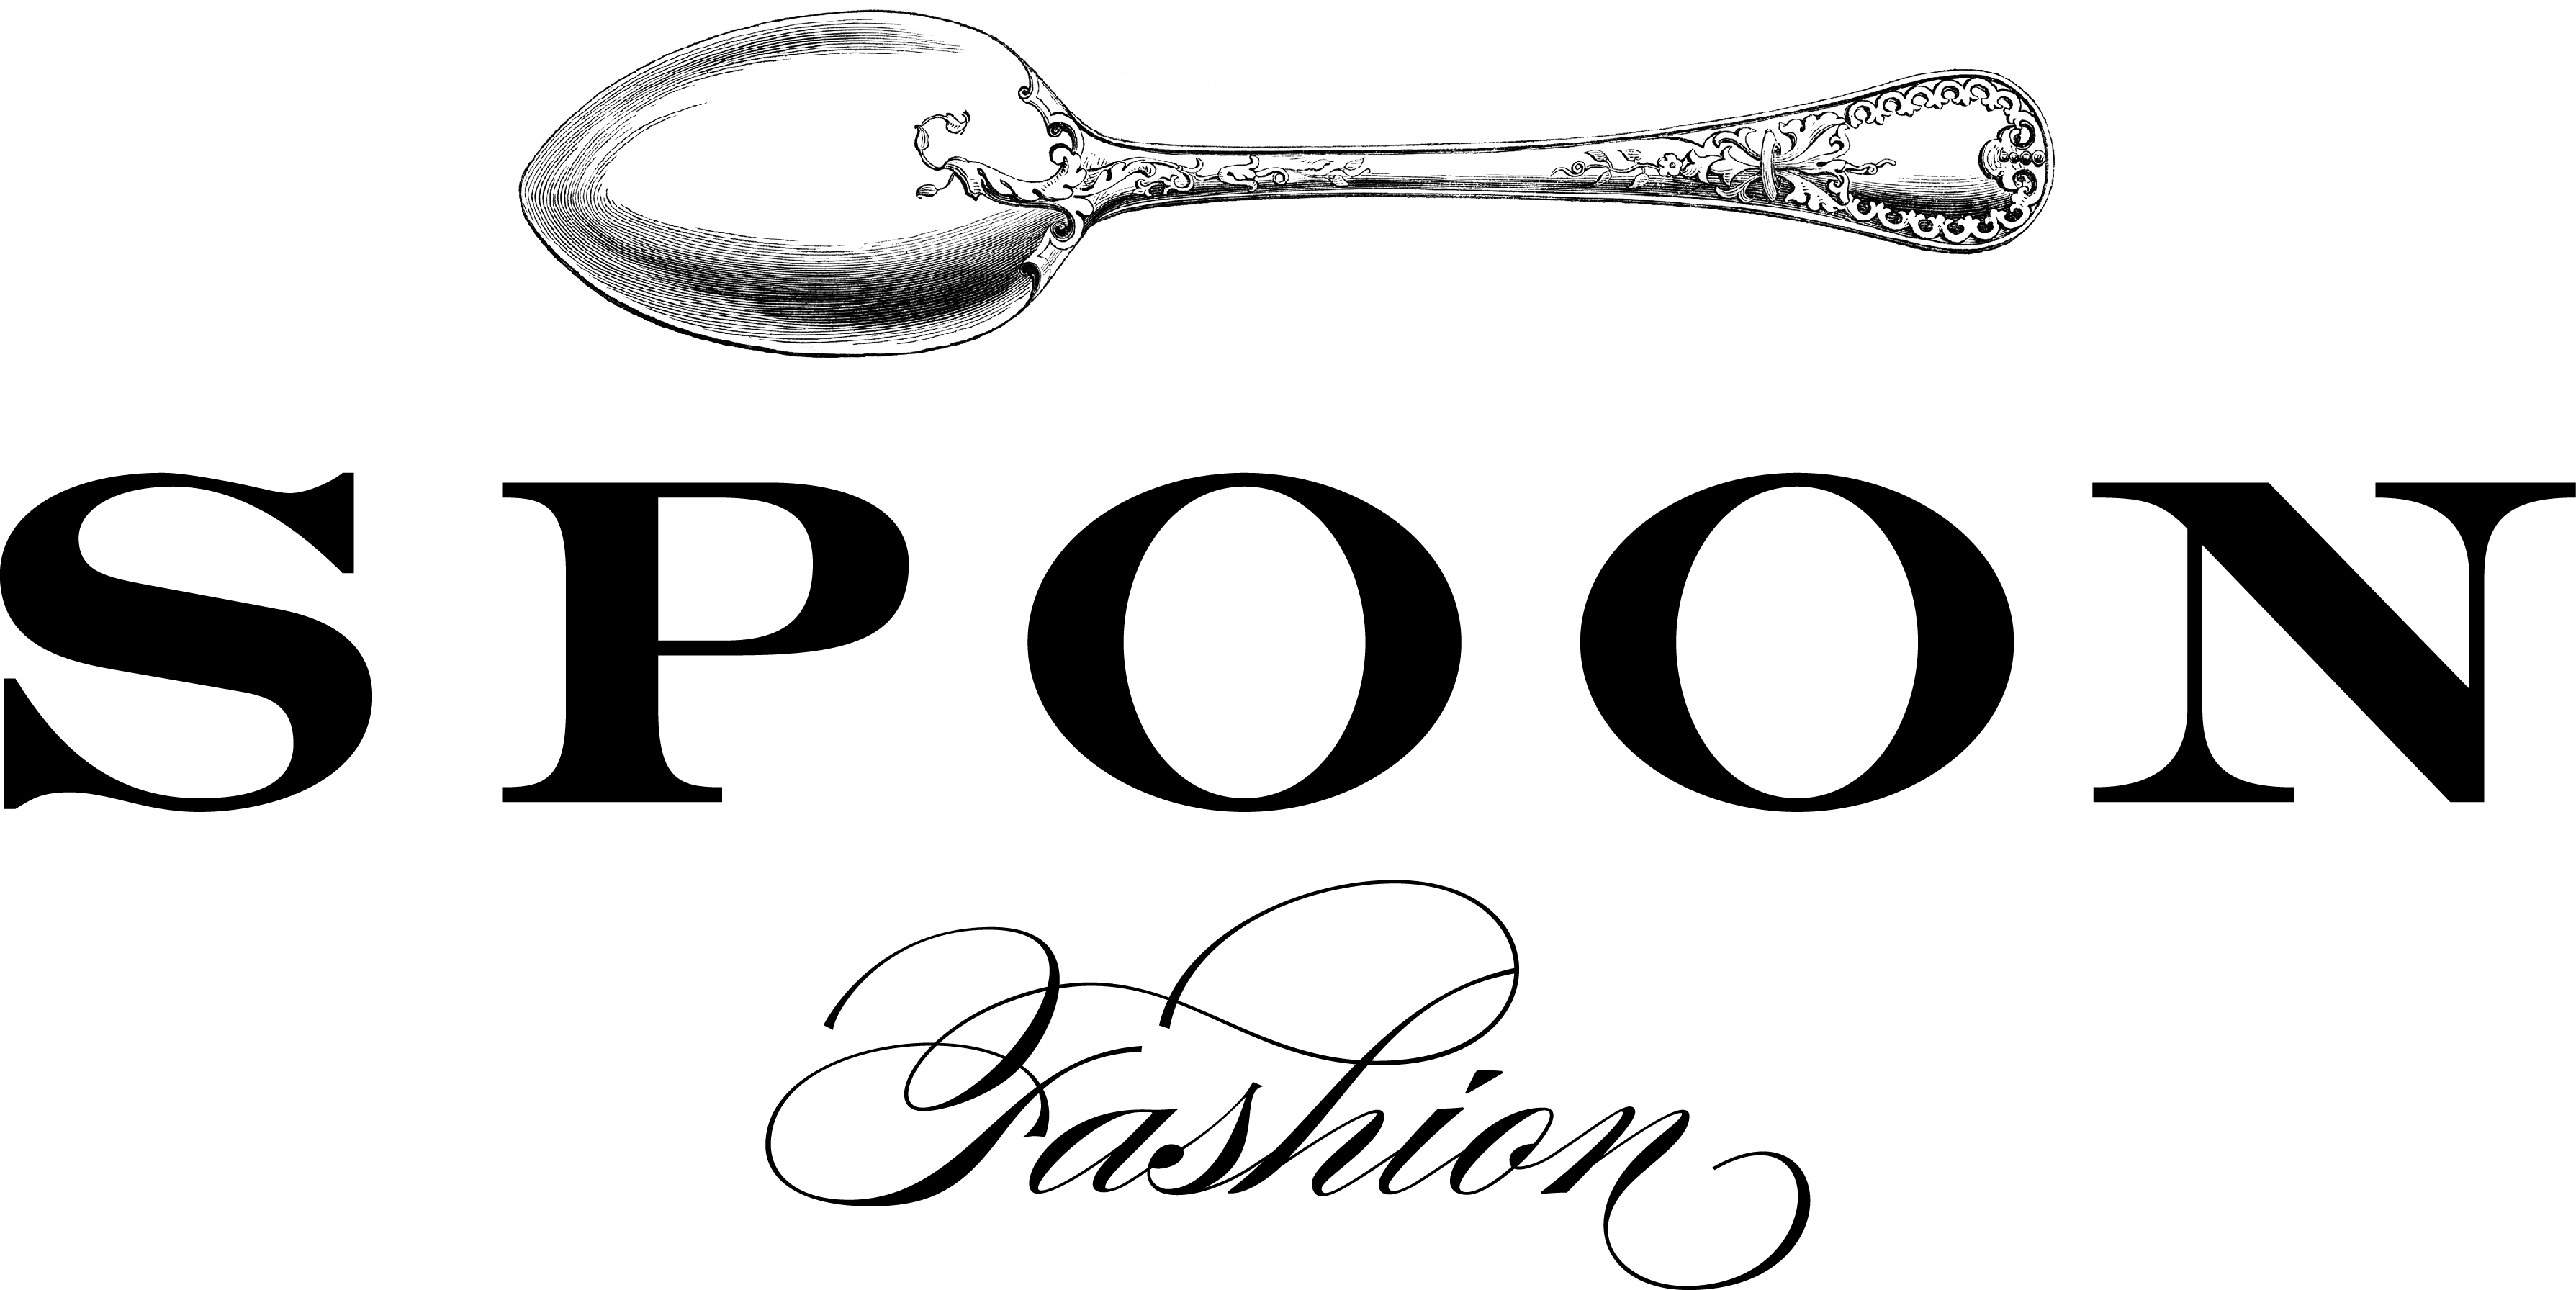 SPOON Fashion